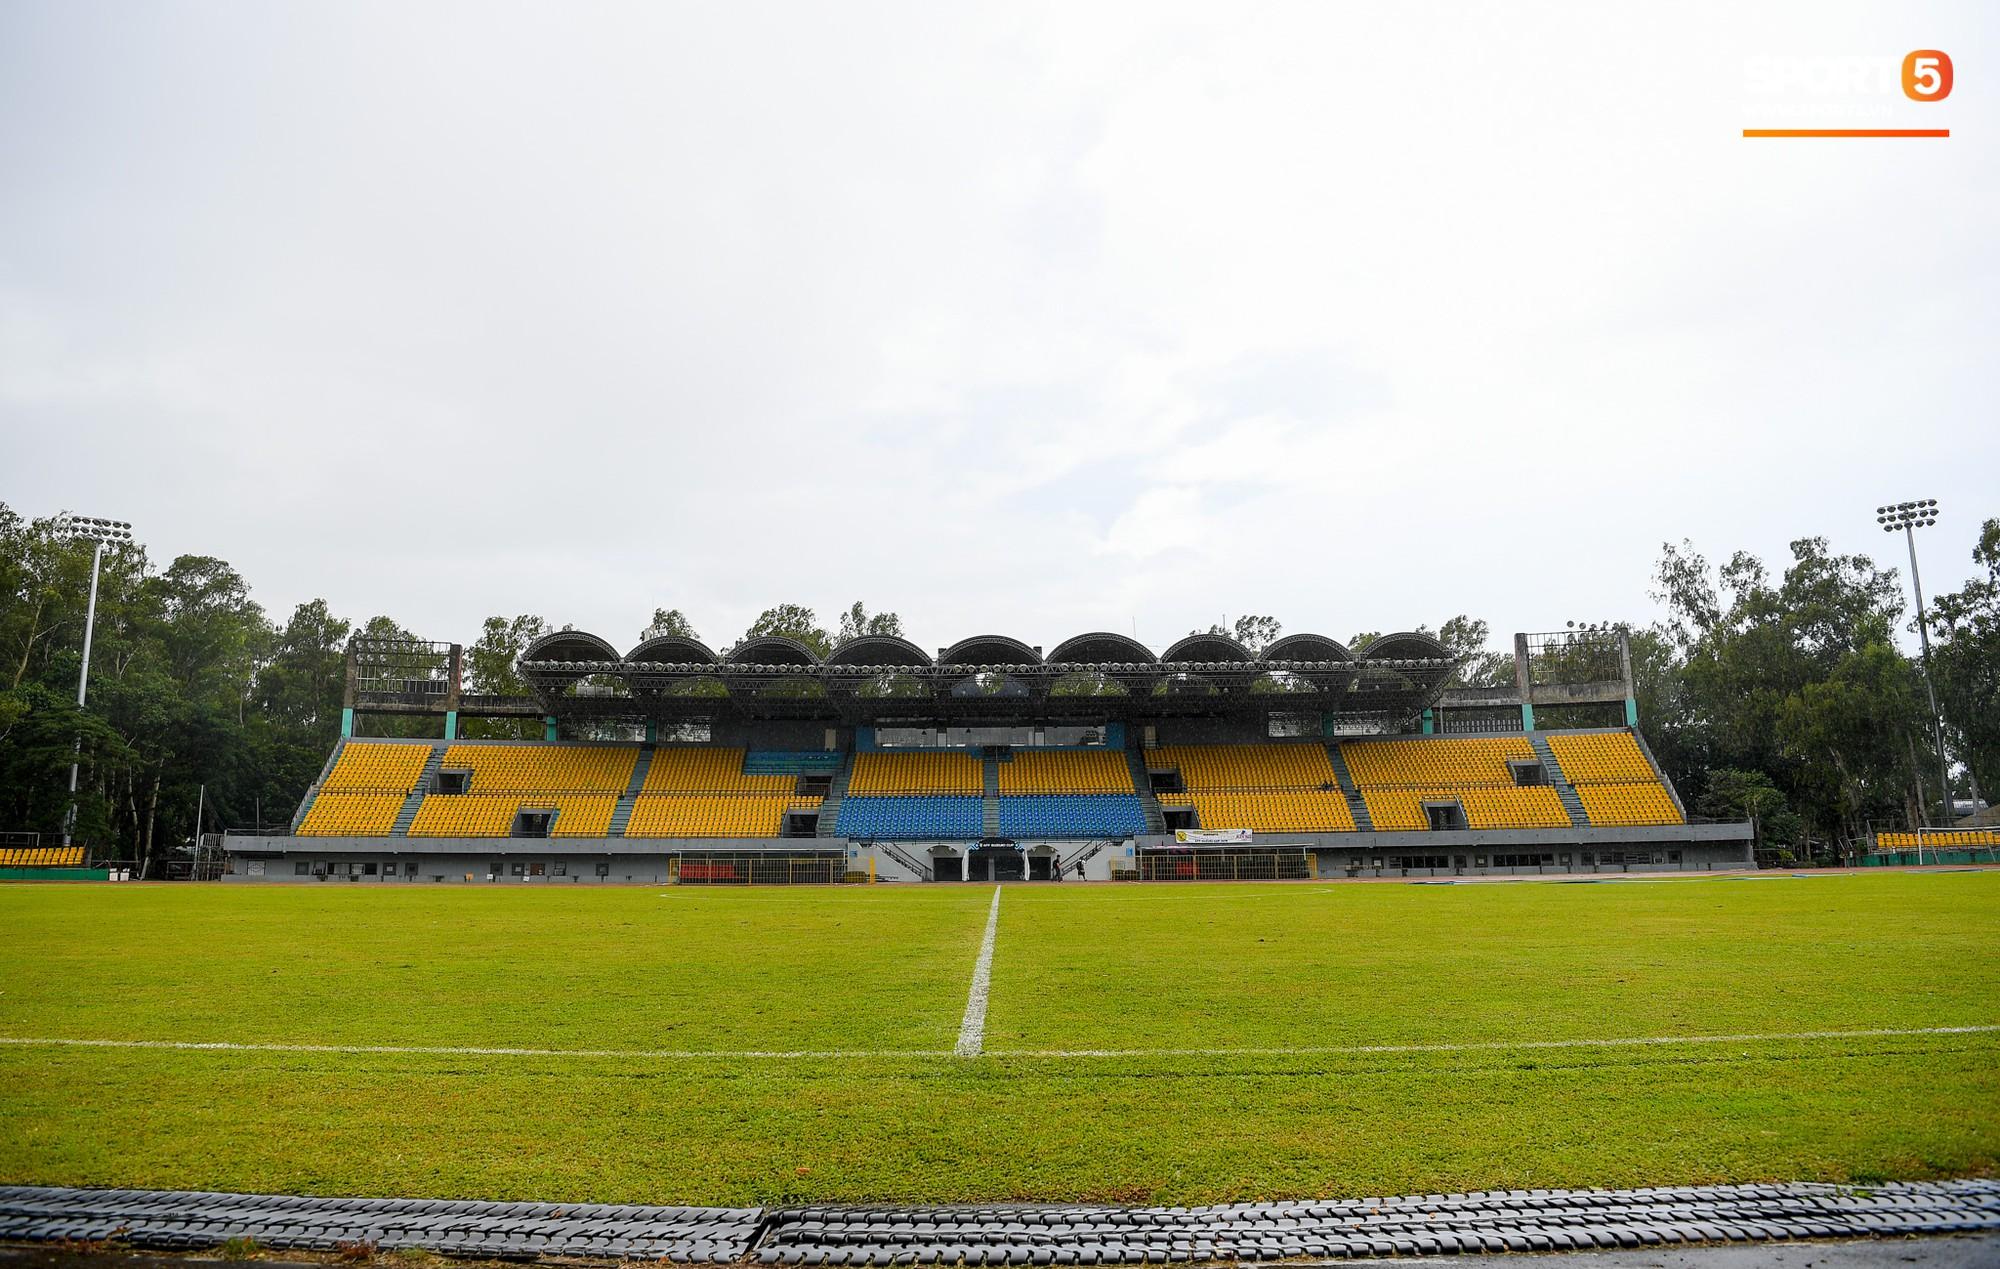 Sân thi đấu trận Philippines - Việt Nam: Tệ nhất AFF Cup 2018, khiến nhiều người rùng mình vì vẻ hoang tàn, u ám - Ảnh 1.